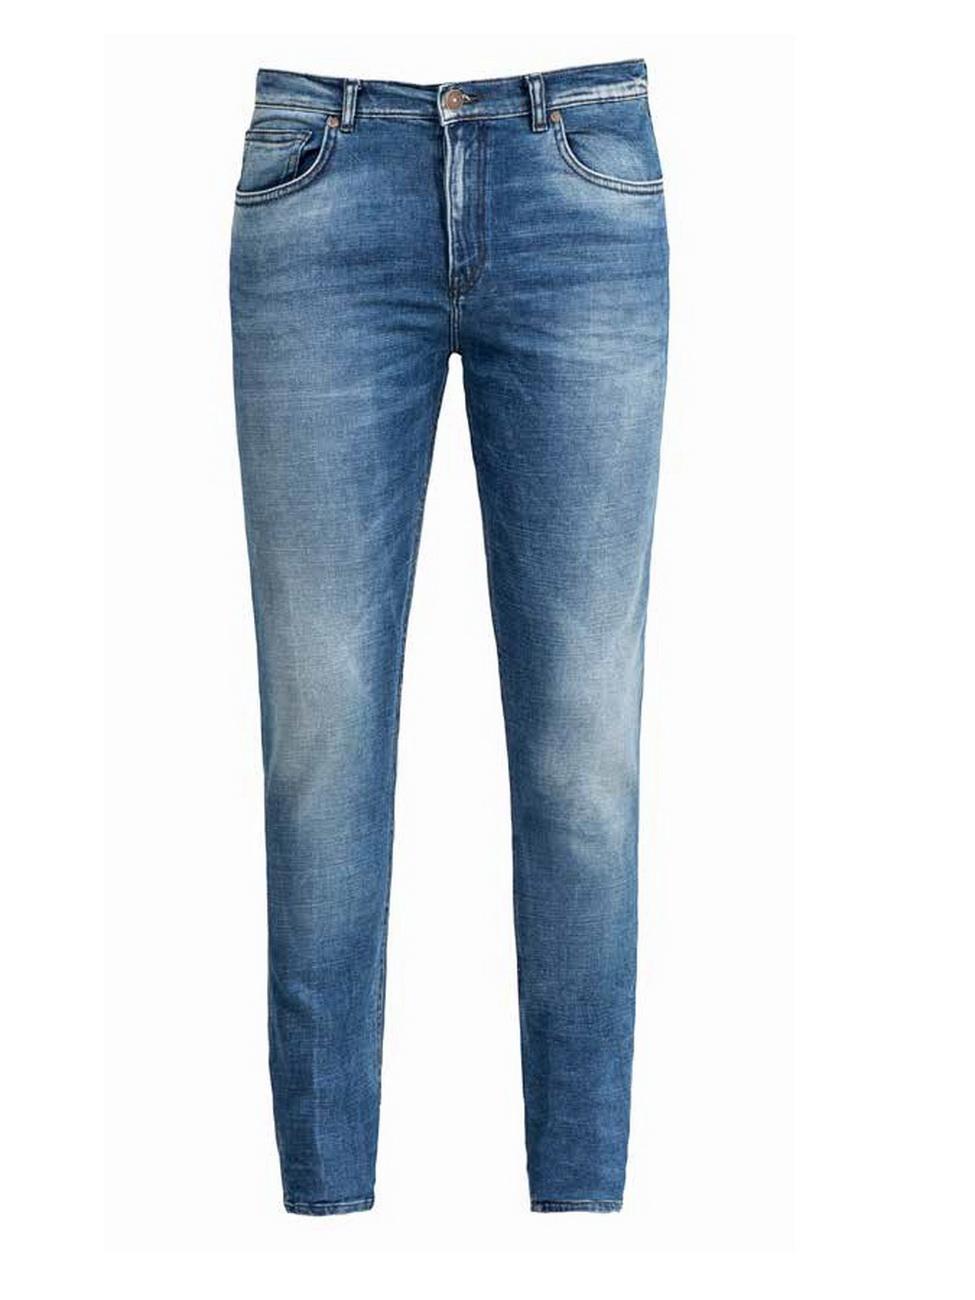 ltb herren jeans smarty super skinny fit blau batur wash kaufen jeans direct de. Black Bedroom Furniture Sets. Home Design Ideas